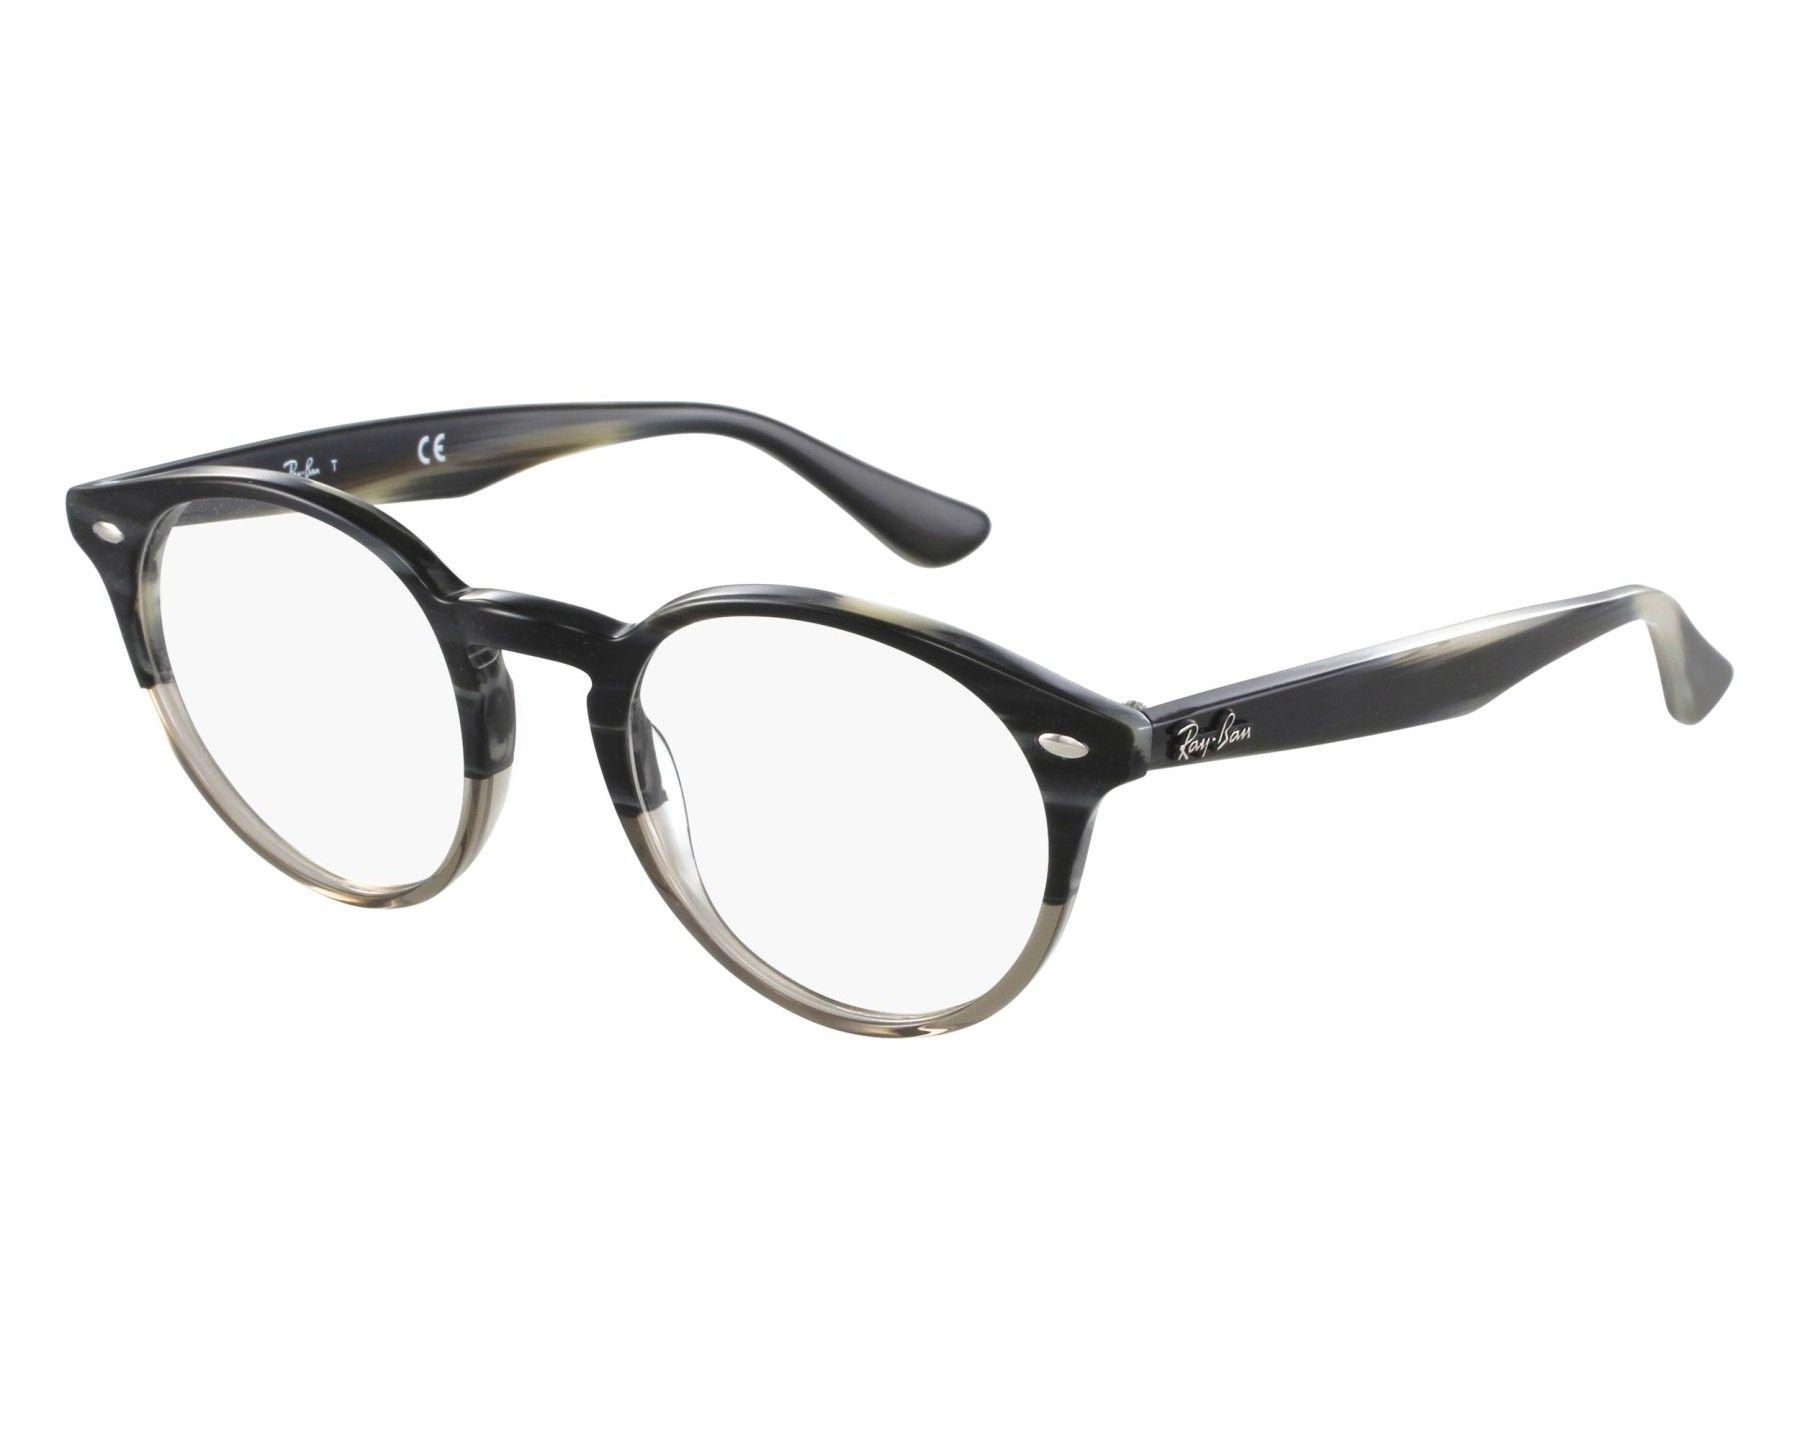 9879e0dcb1bdc Eyeglasses Ray Ban - RX2180V 5540  1